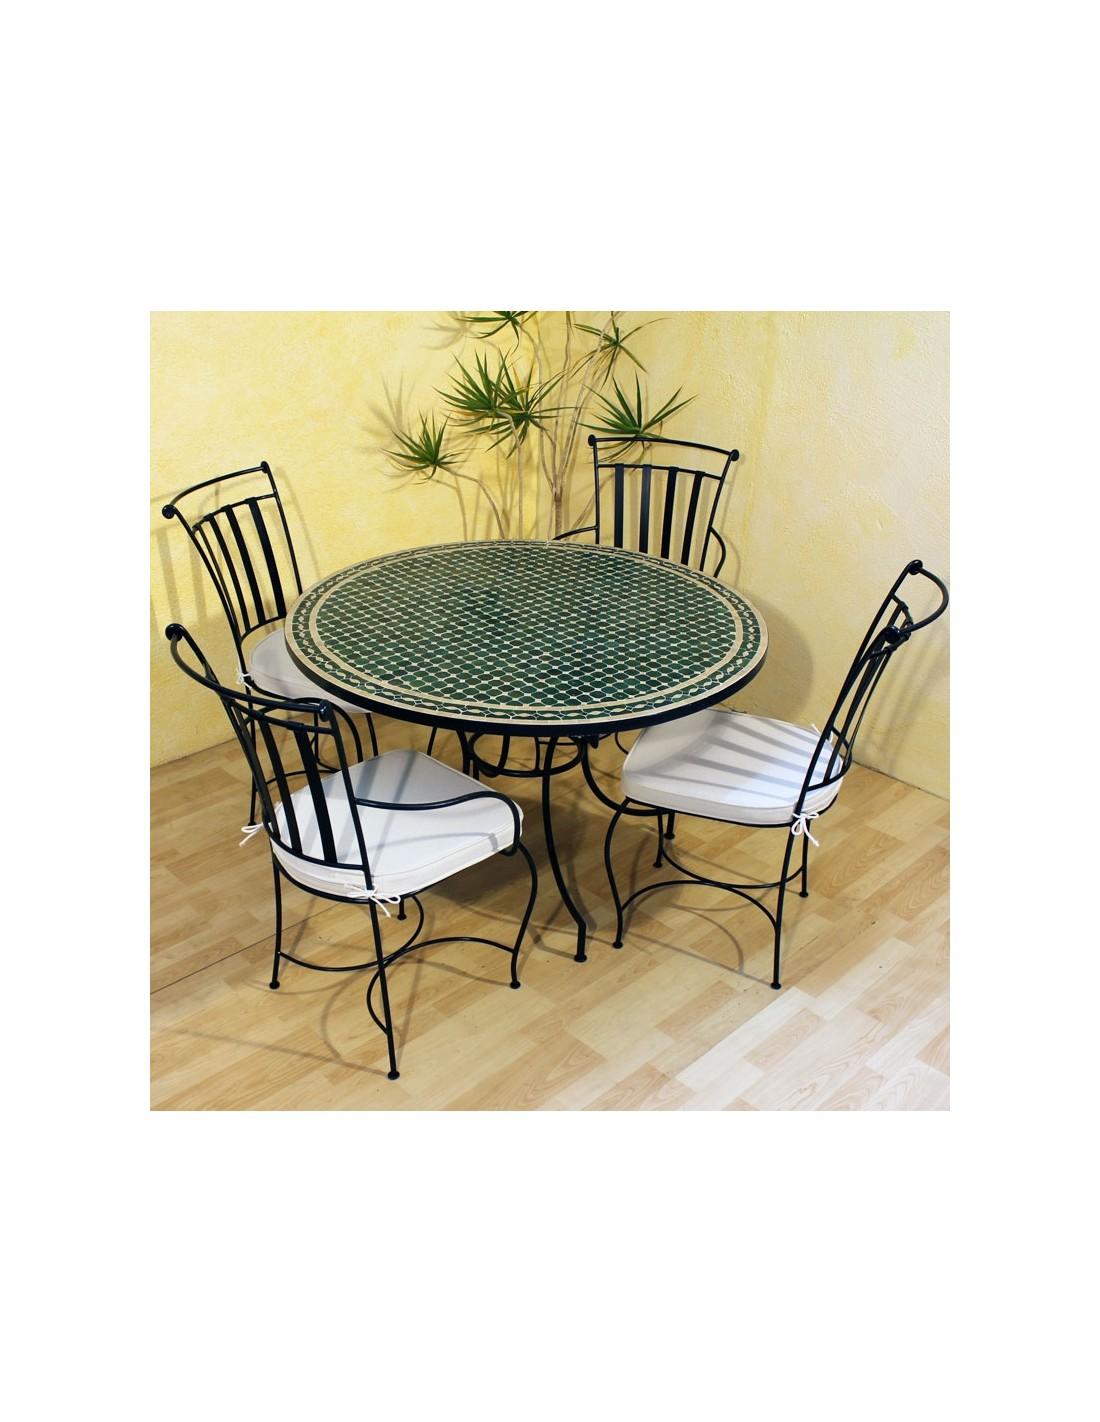 mosaiktisch menak 120cm rund albena marokko galerie. Black Bedroom Furniture Sets. Home Design Ideas